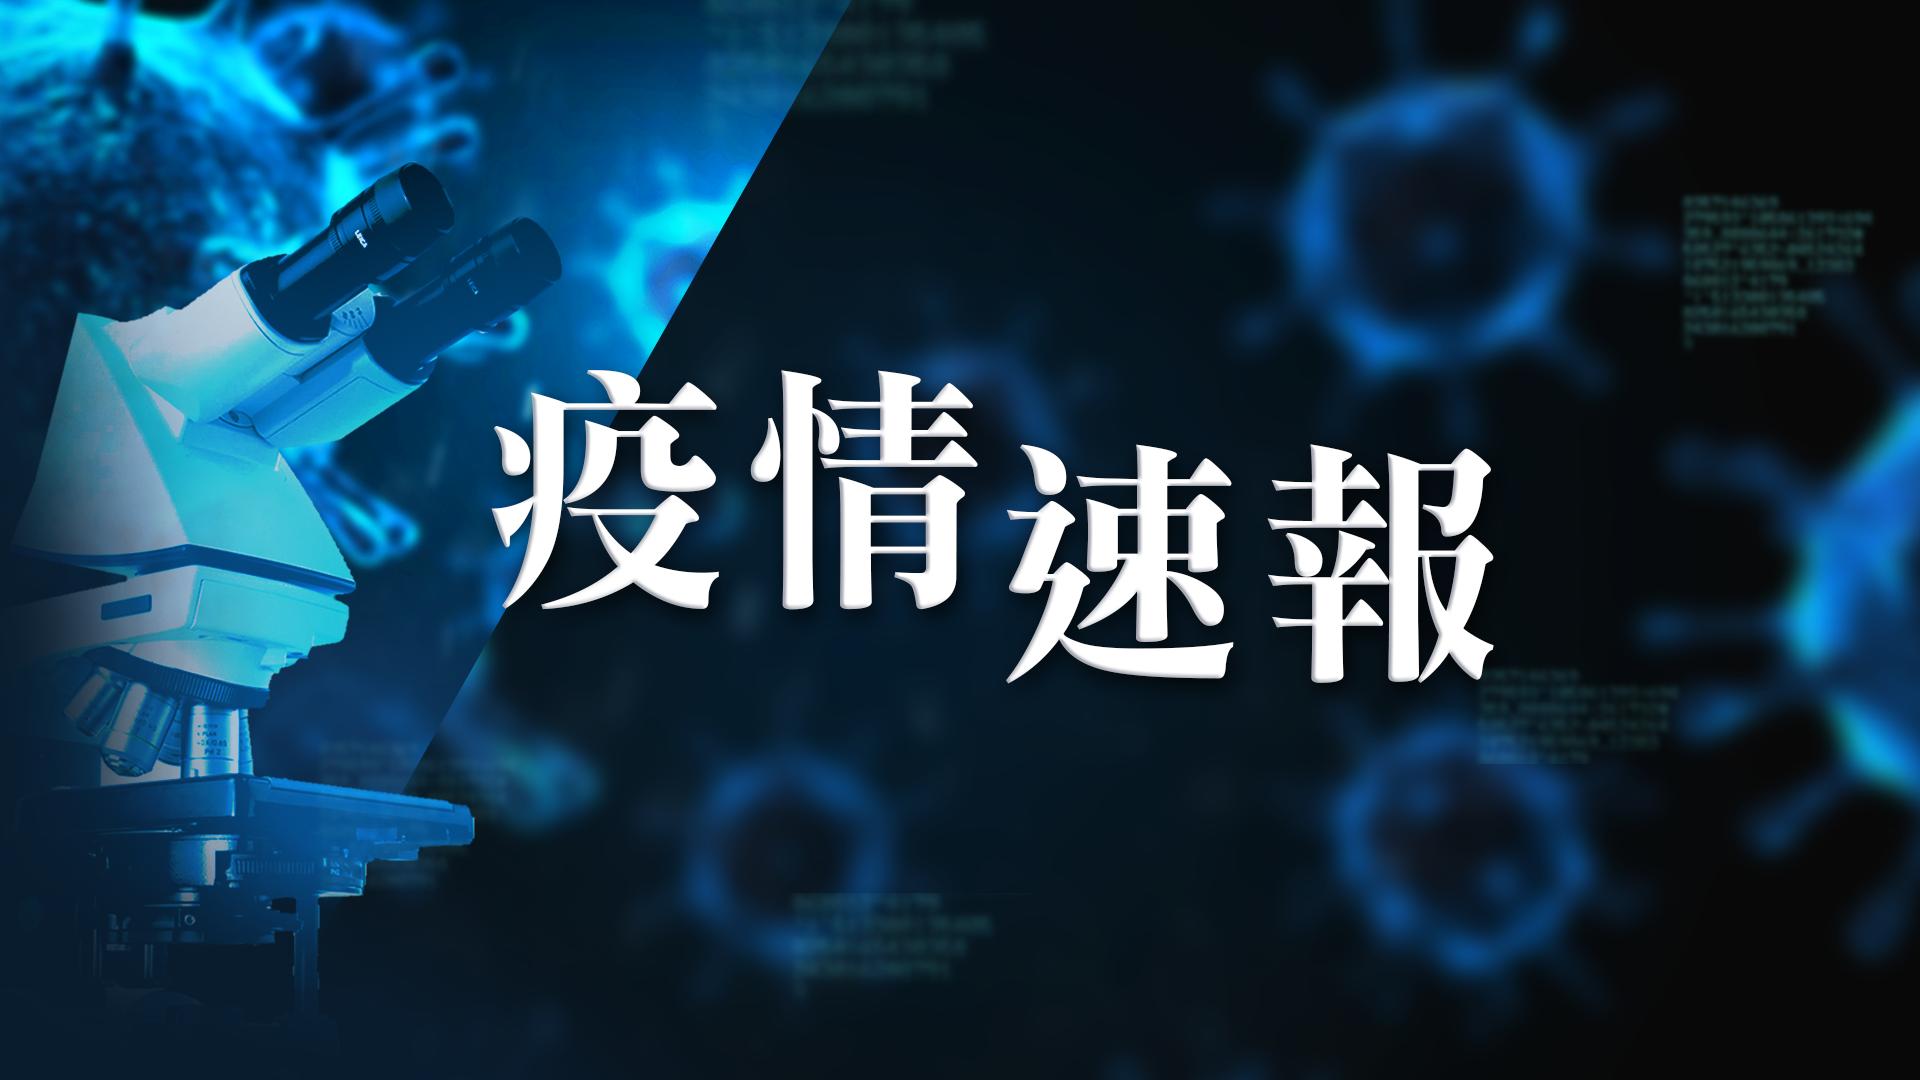 【7月9日疫情速報】(10:50)